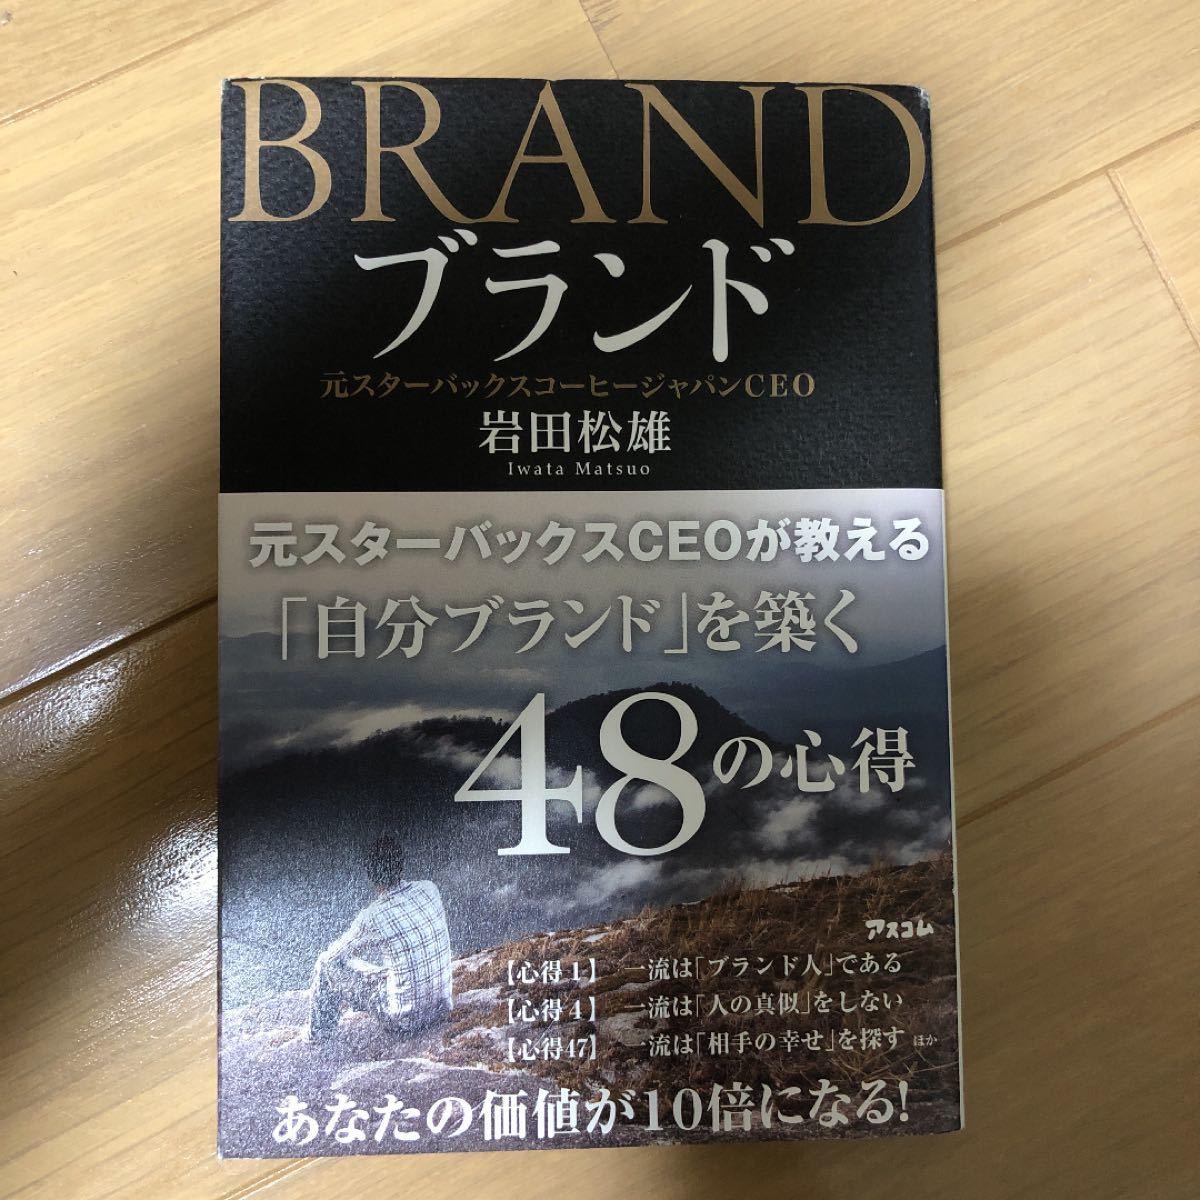 「ブランド 元スターバックスCEOが教える「自分ブランド」を築く48の心得」